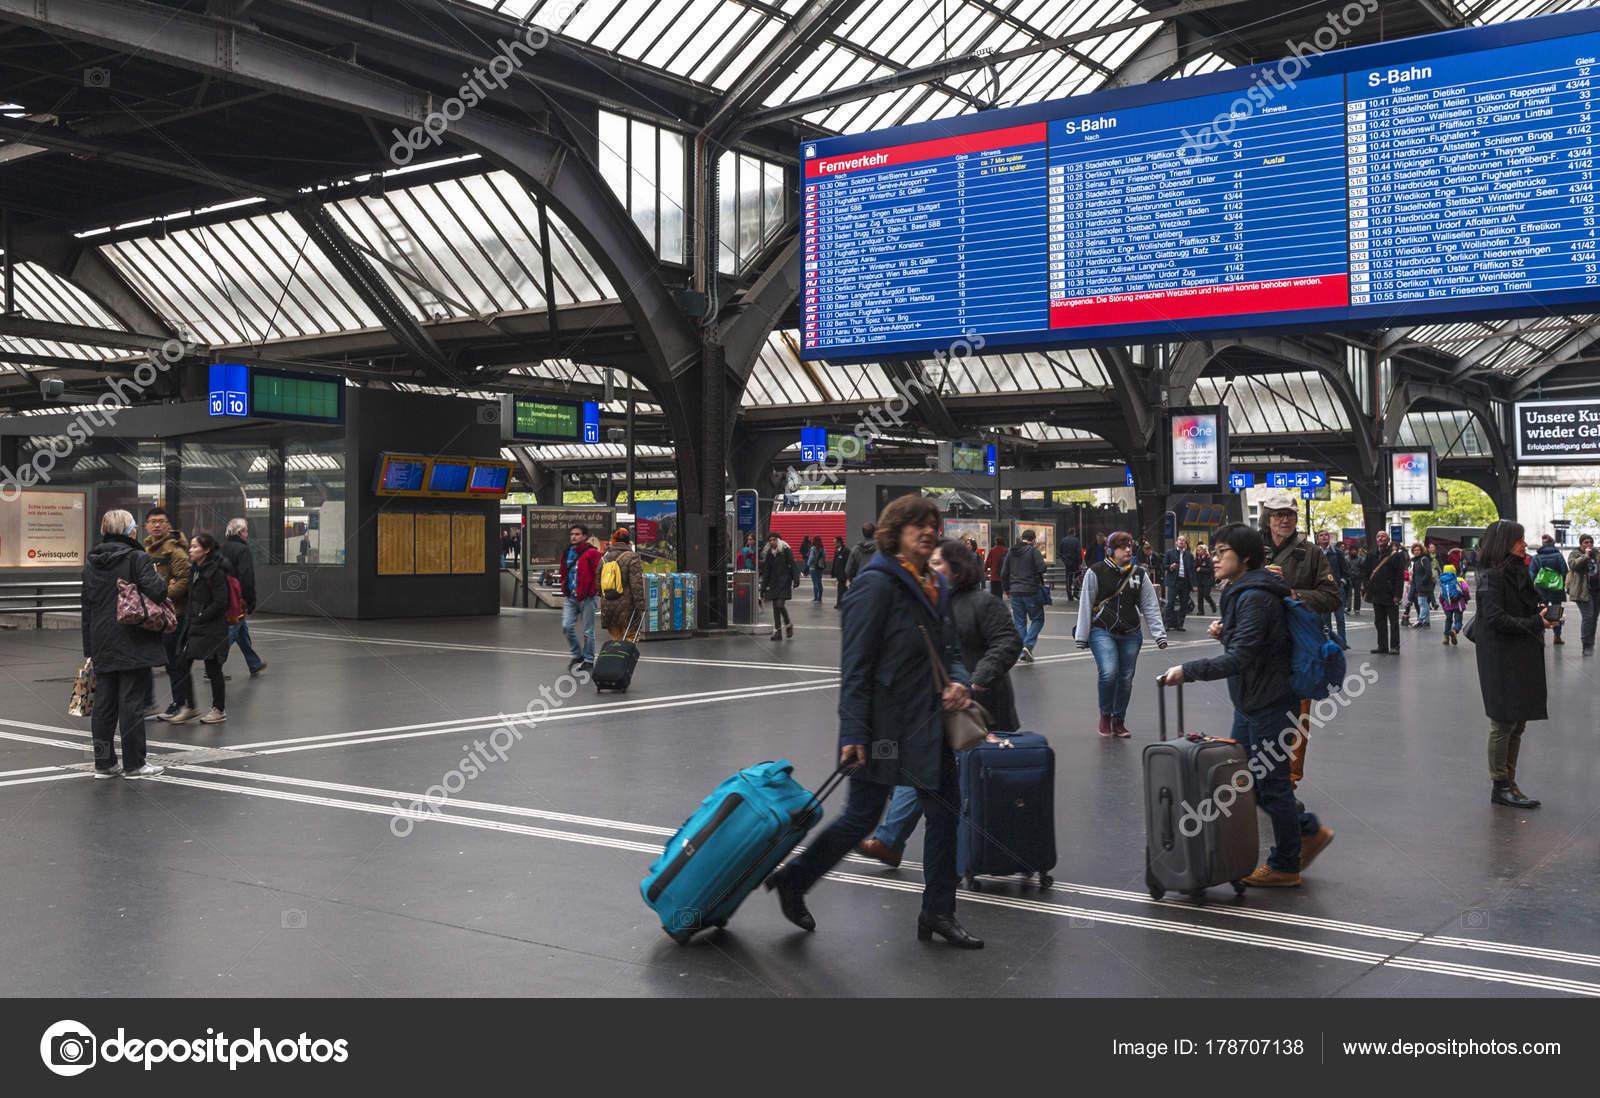 Aeroporto Zurigo Partenze : Zurigo svizzera aprile passeggeri alla stazione ferroviaria